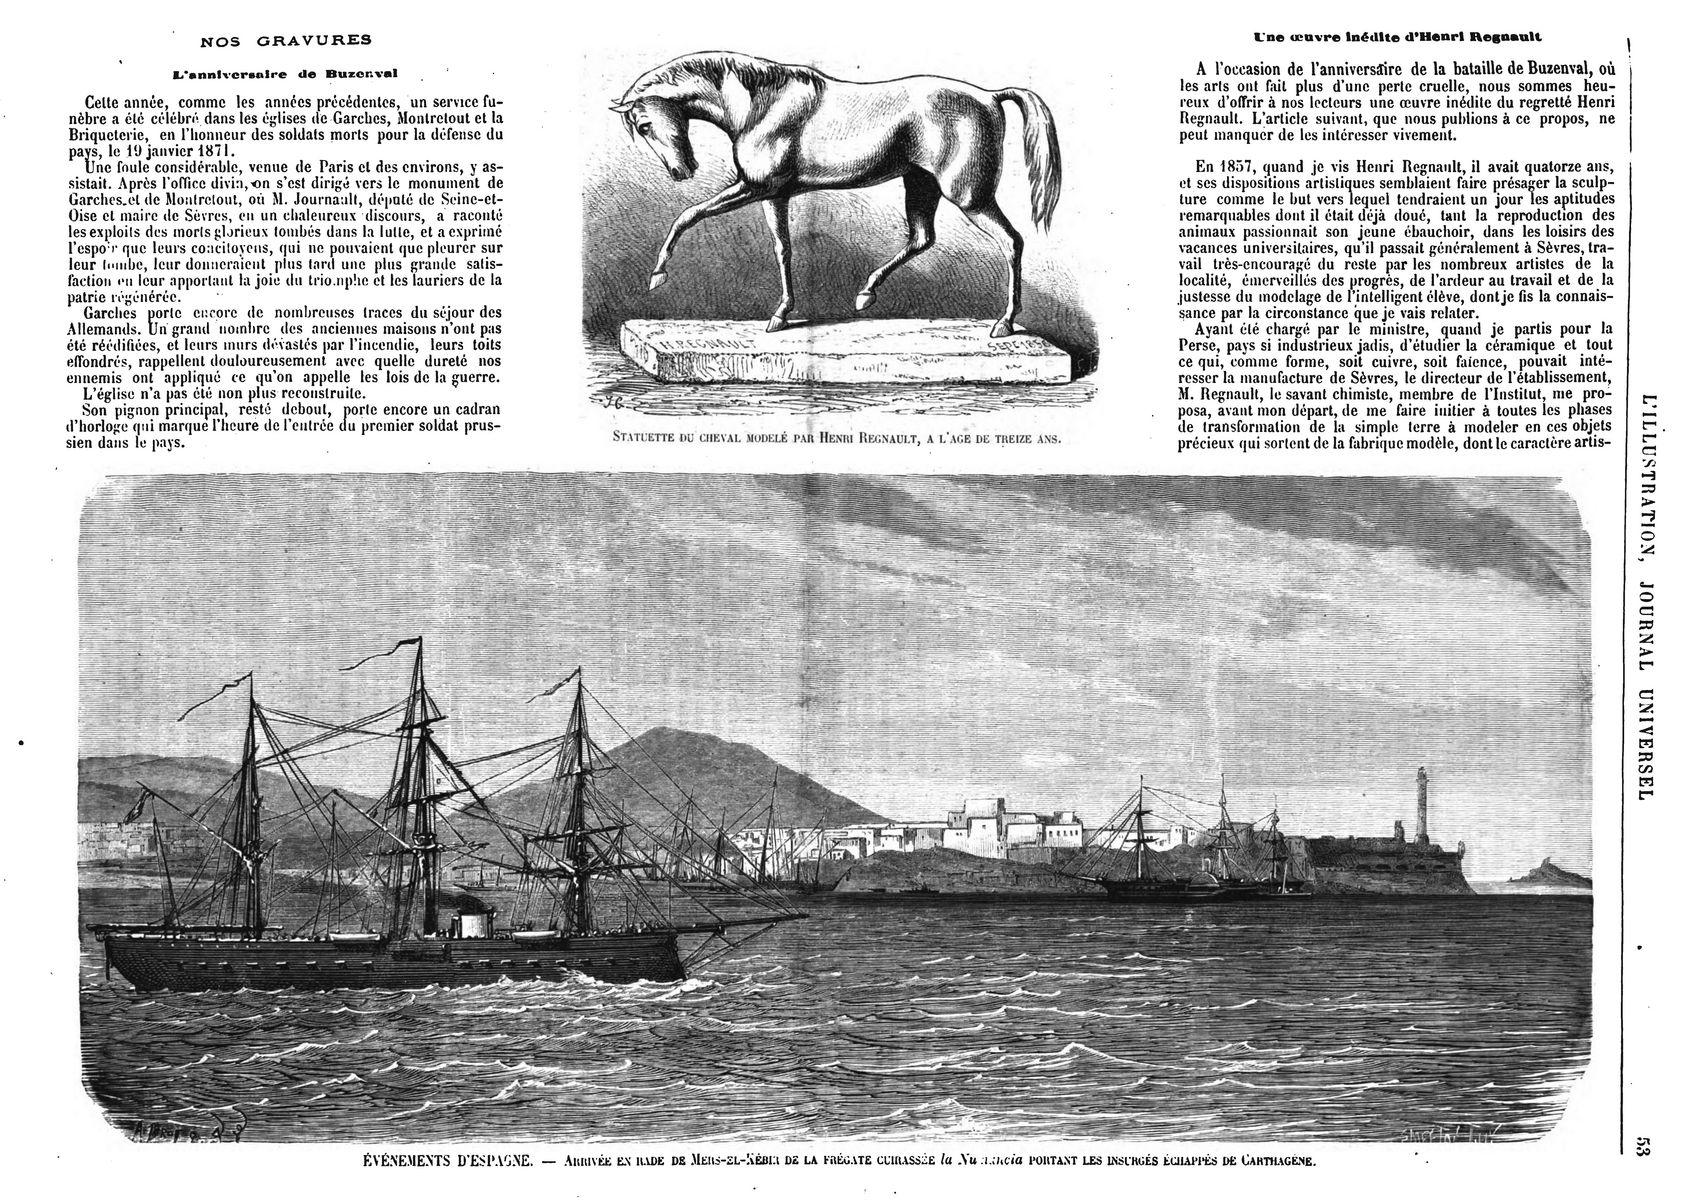 Statuette de cheval modelée par Henri Regnault à l'âge de treize ans. Événements d'Espagne: arrivée en rade de Mers-el-Kébir de la frégate cuirassée la Numancia portant les insurgés échappés de Carthagène.